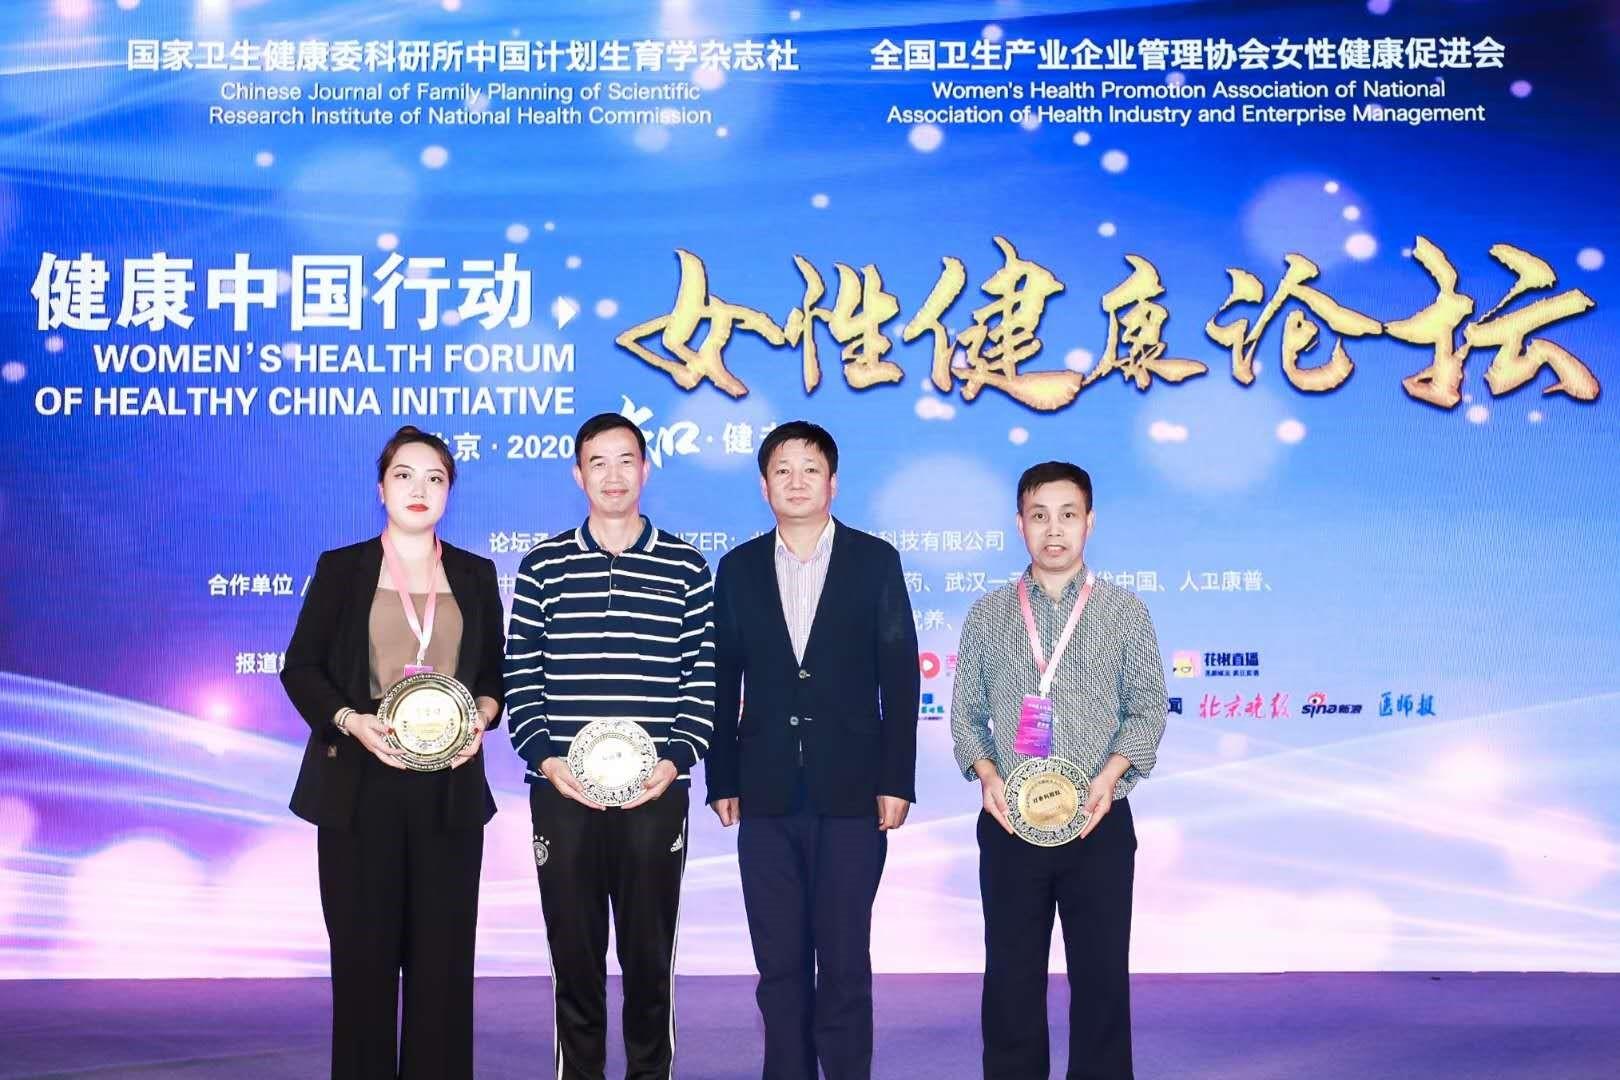 时代红参阿胶肽饮品荣获健康中国行动女性健康杰出公益品牌奖插图(1)